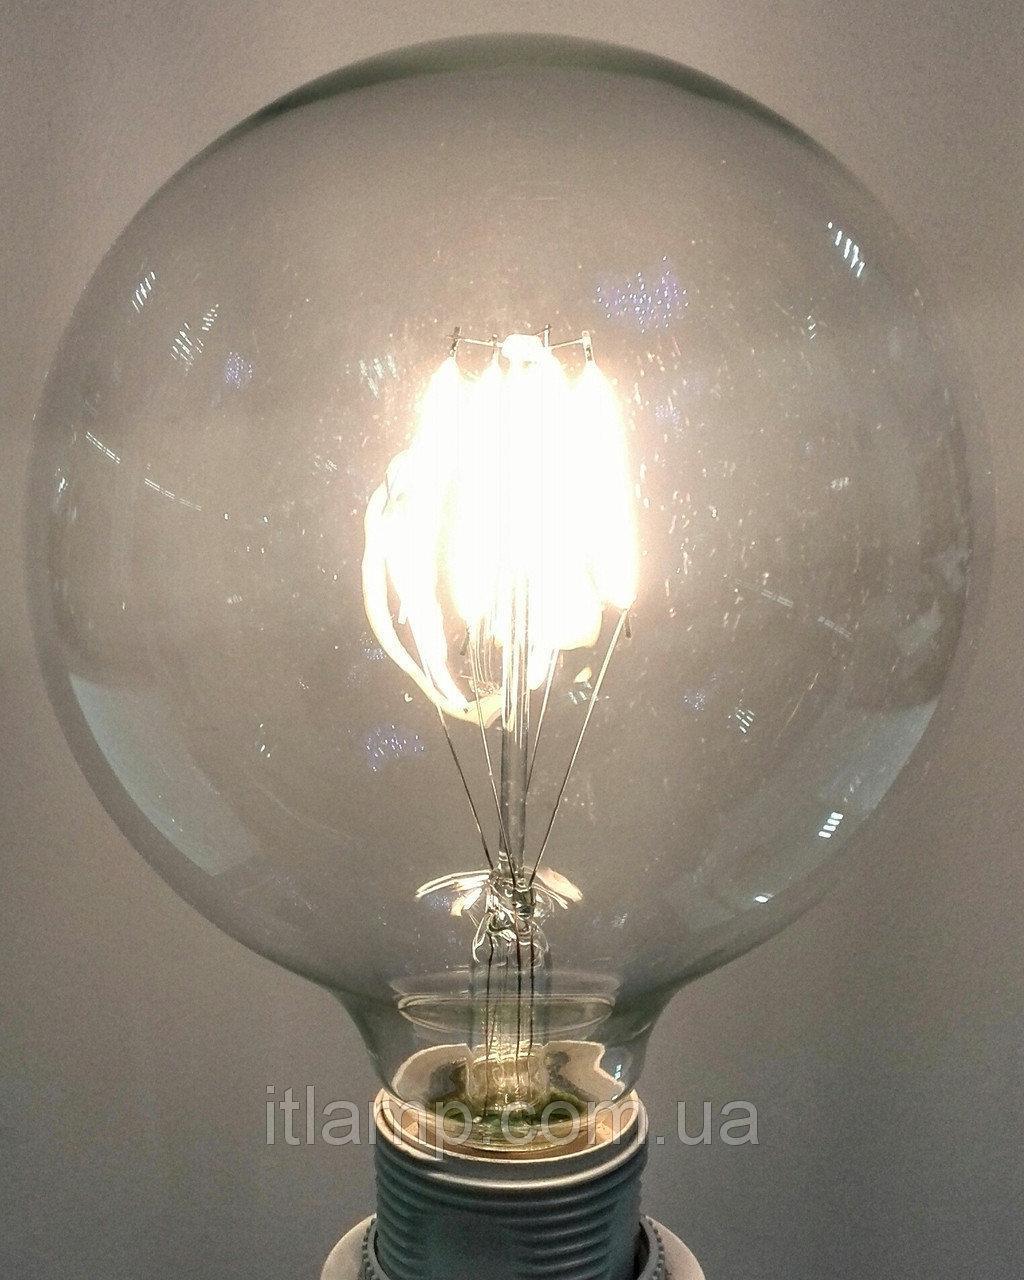 Лампочка ретро (лофт) Эдисона LED Levistella G95